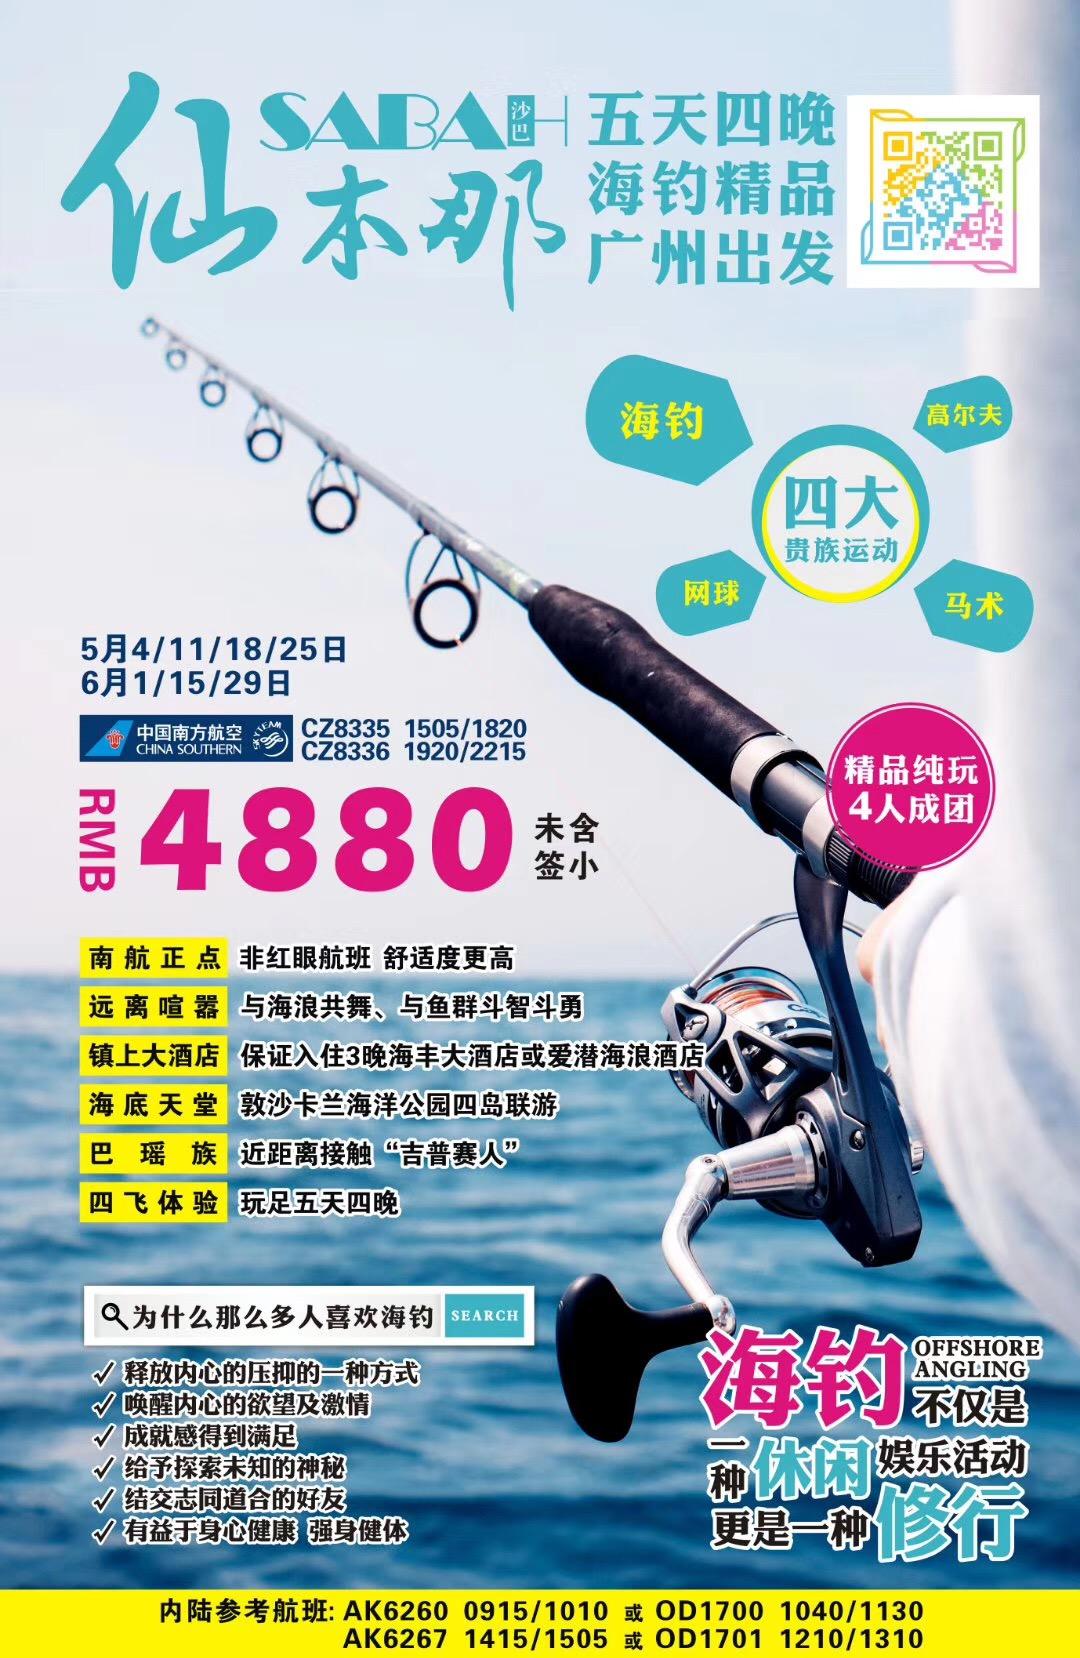 千赢pt手机客户端_千赢国际娱乐vip_千赢国际手机版下载安装.jpg